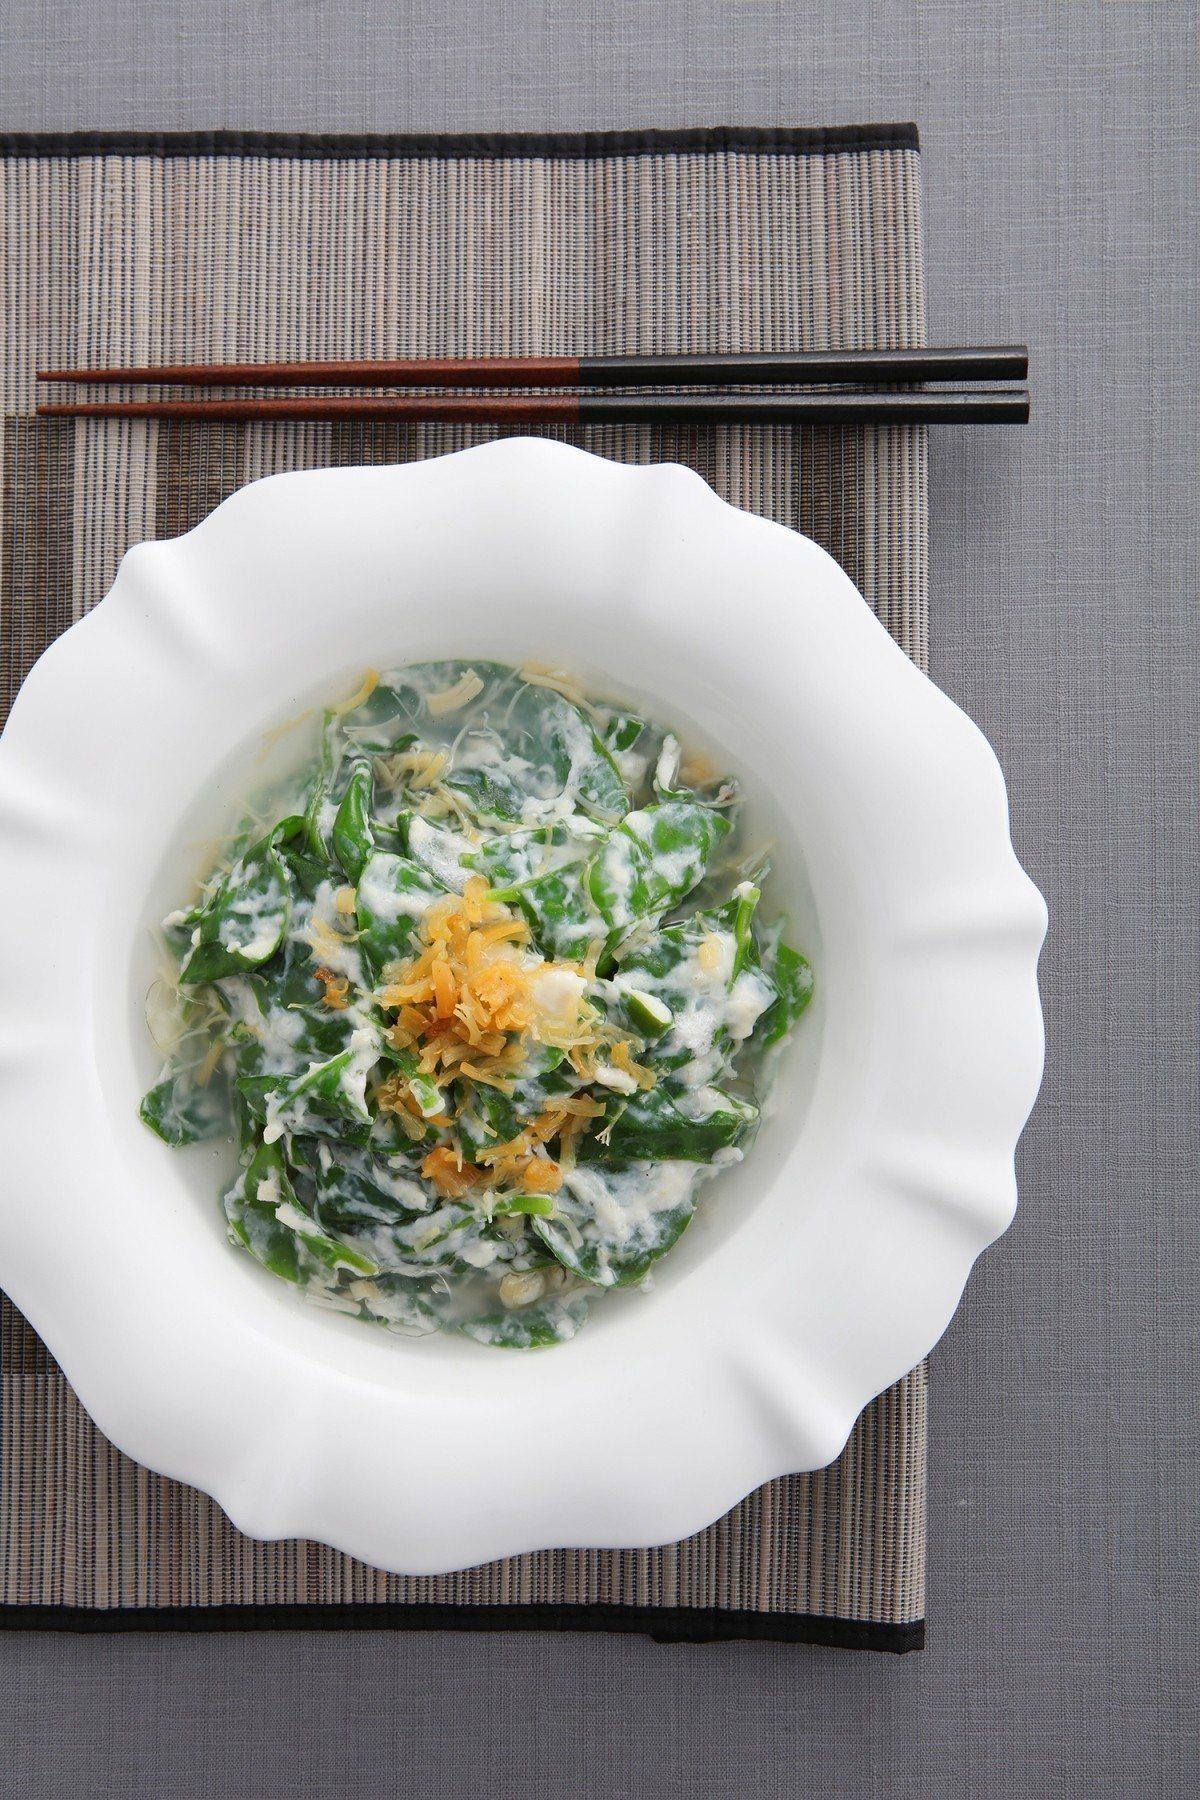 瑤柱雞蓉皇宮菜。圖/王品集團提供